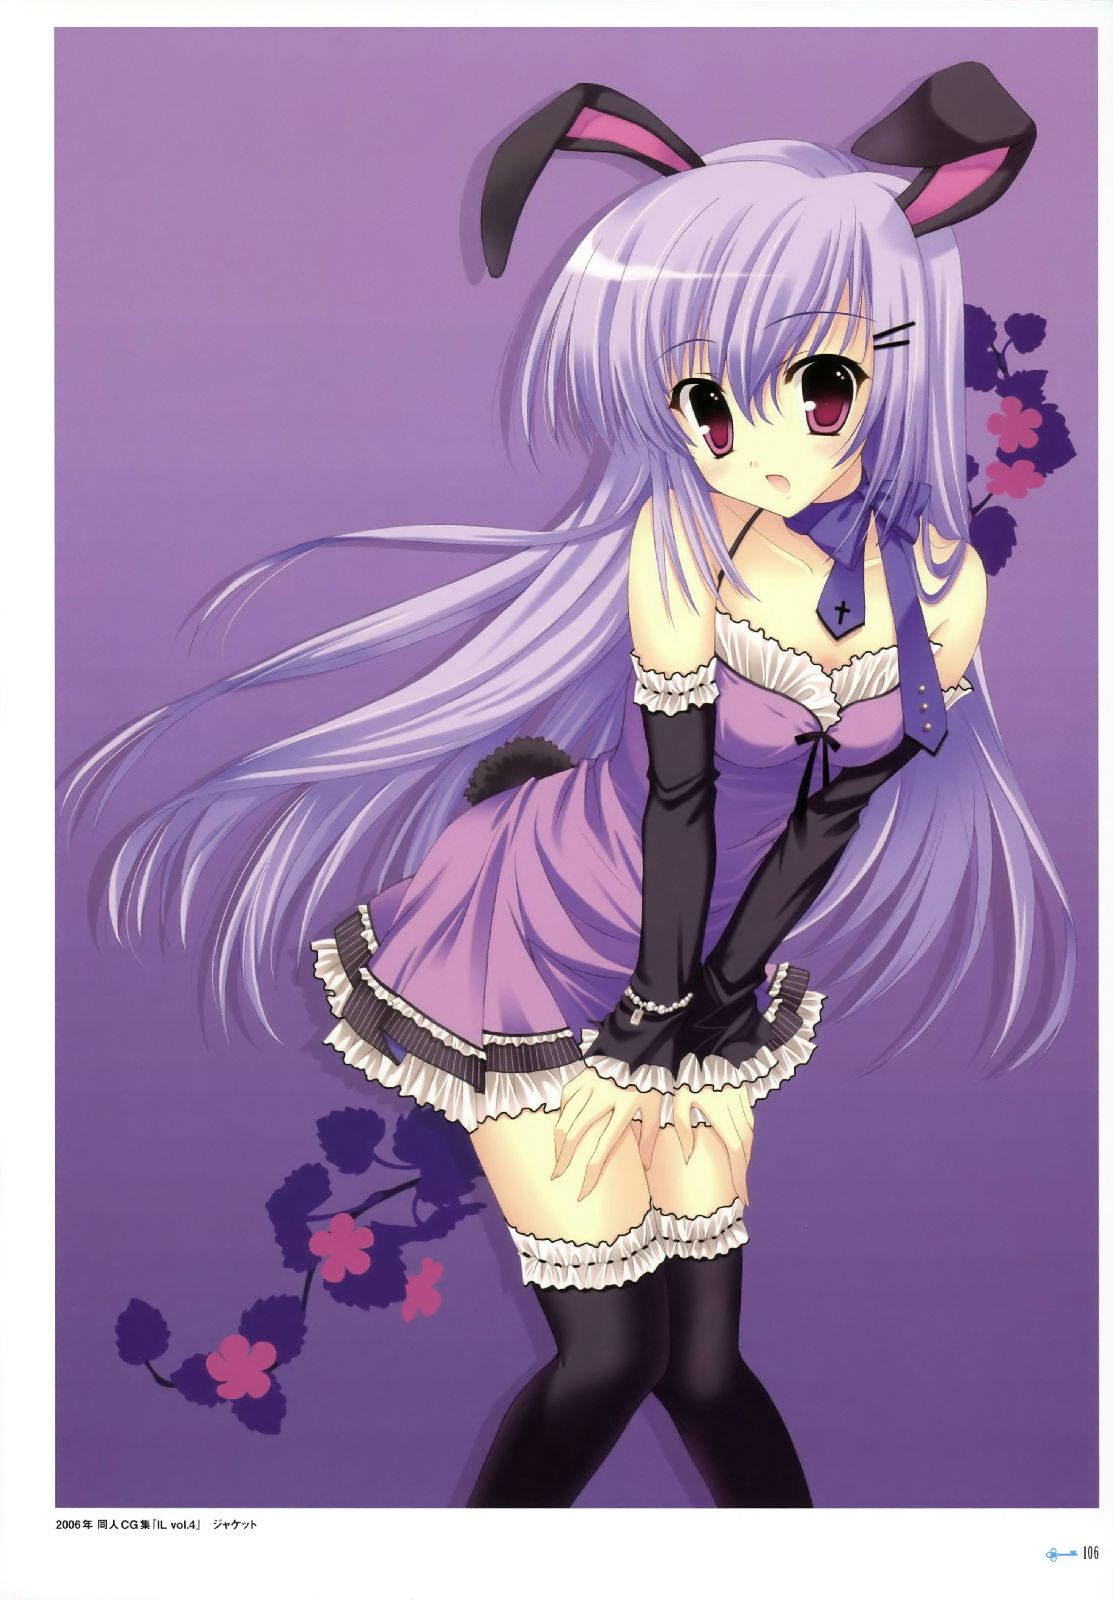 谁有紫色长发的女生动漫人物的图片